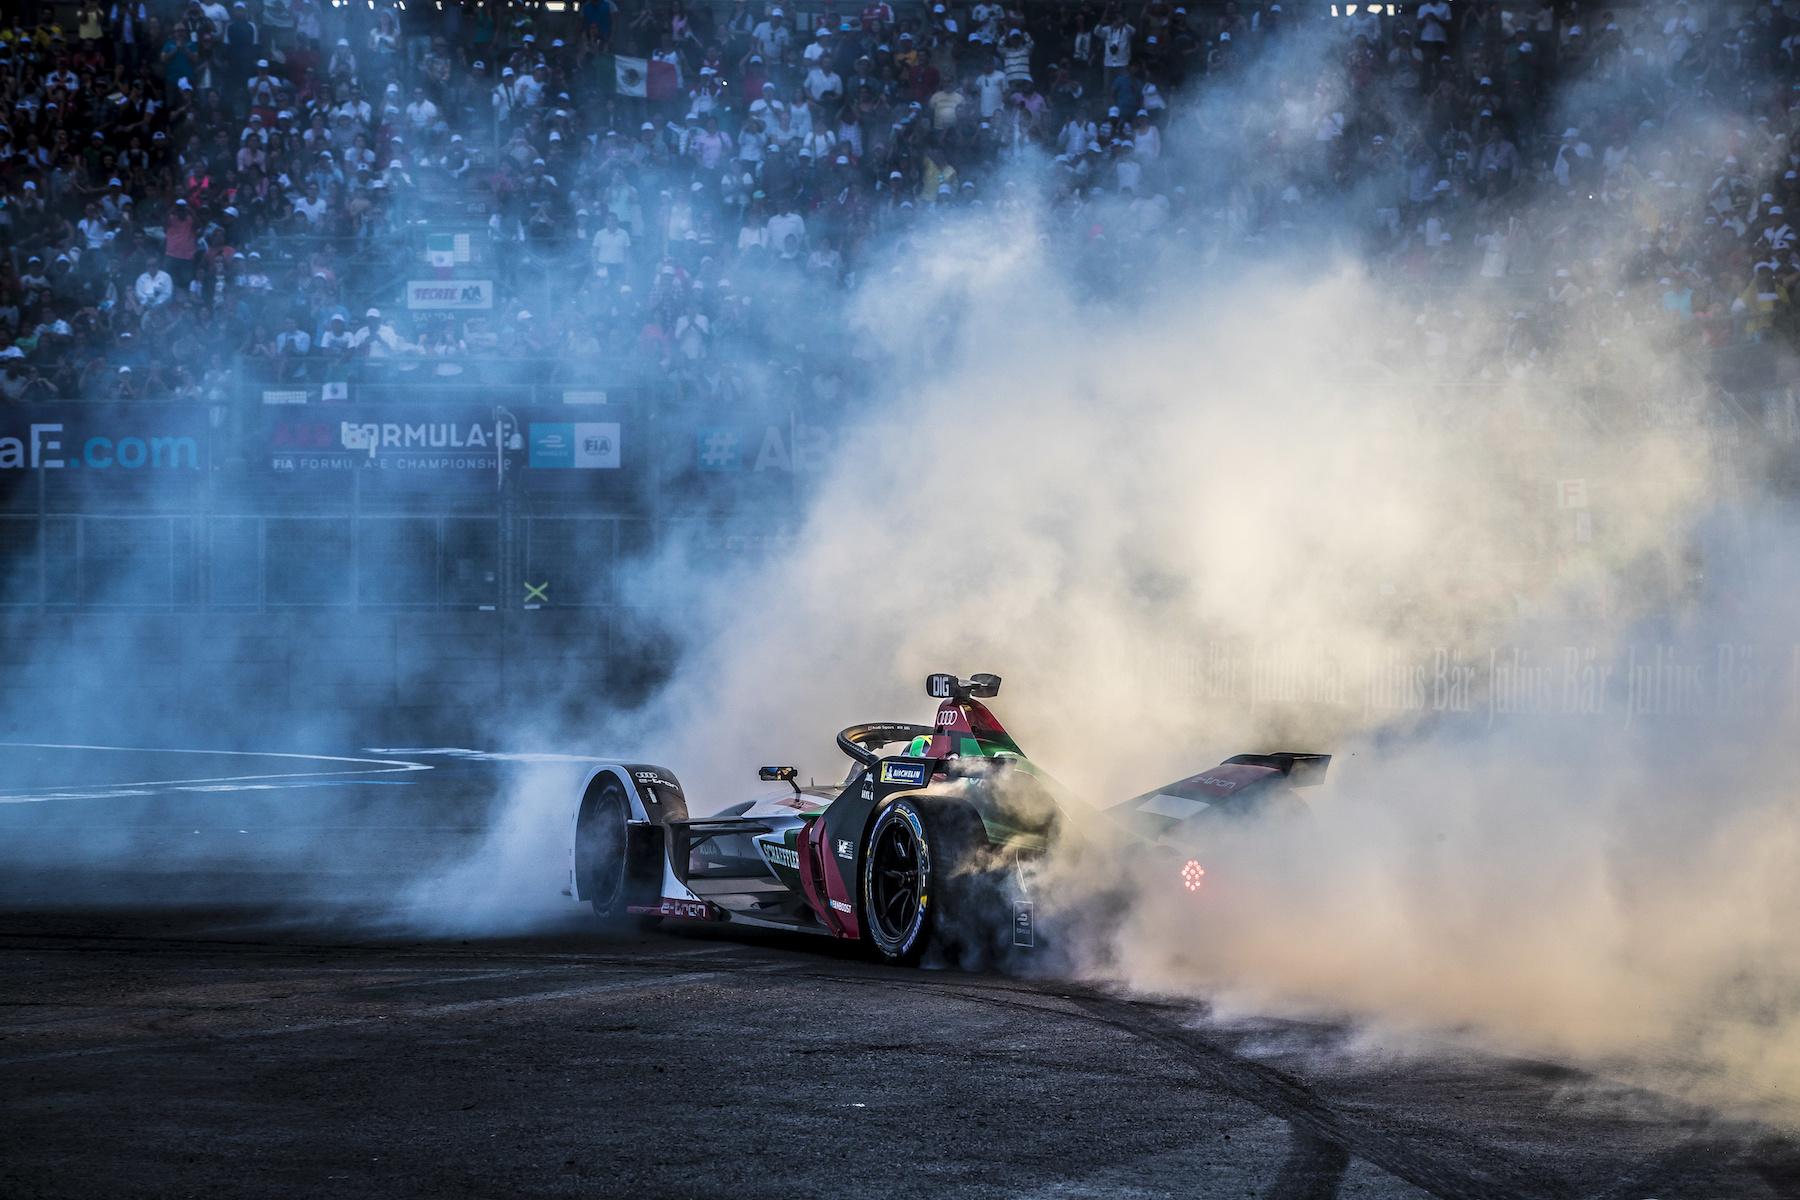 L'équipe Audi pourra-t-elle réitérer sa performance à Berne? À Mexico City, Lucas di Grassi a effectué des donuts sur le circuit pour célébrer sa victoire. (Audi Communications Motorsport/Michael Kunkel)